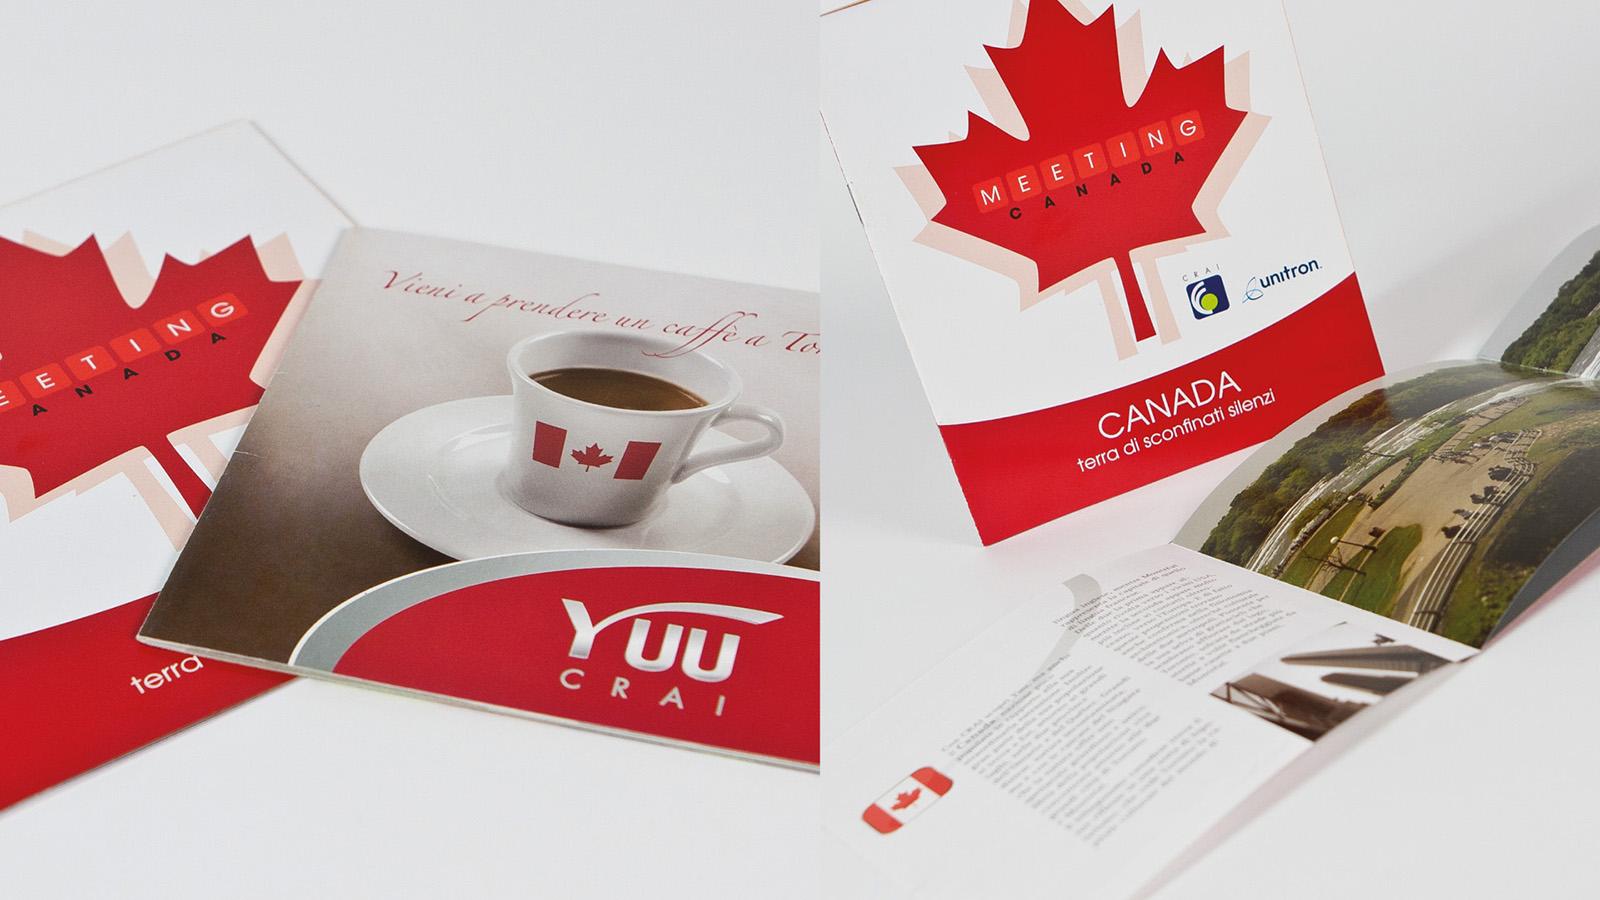 EVENTO VIAGGIO IN CANADA